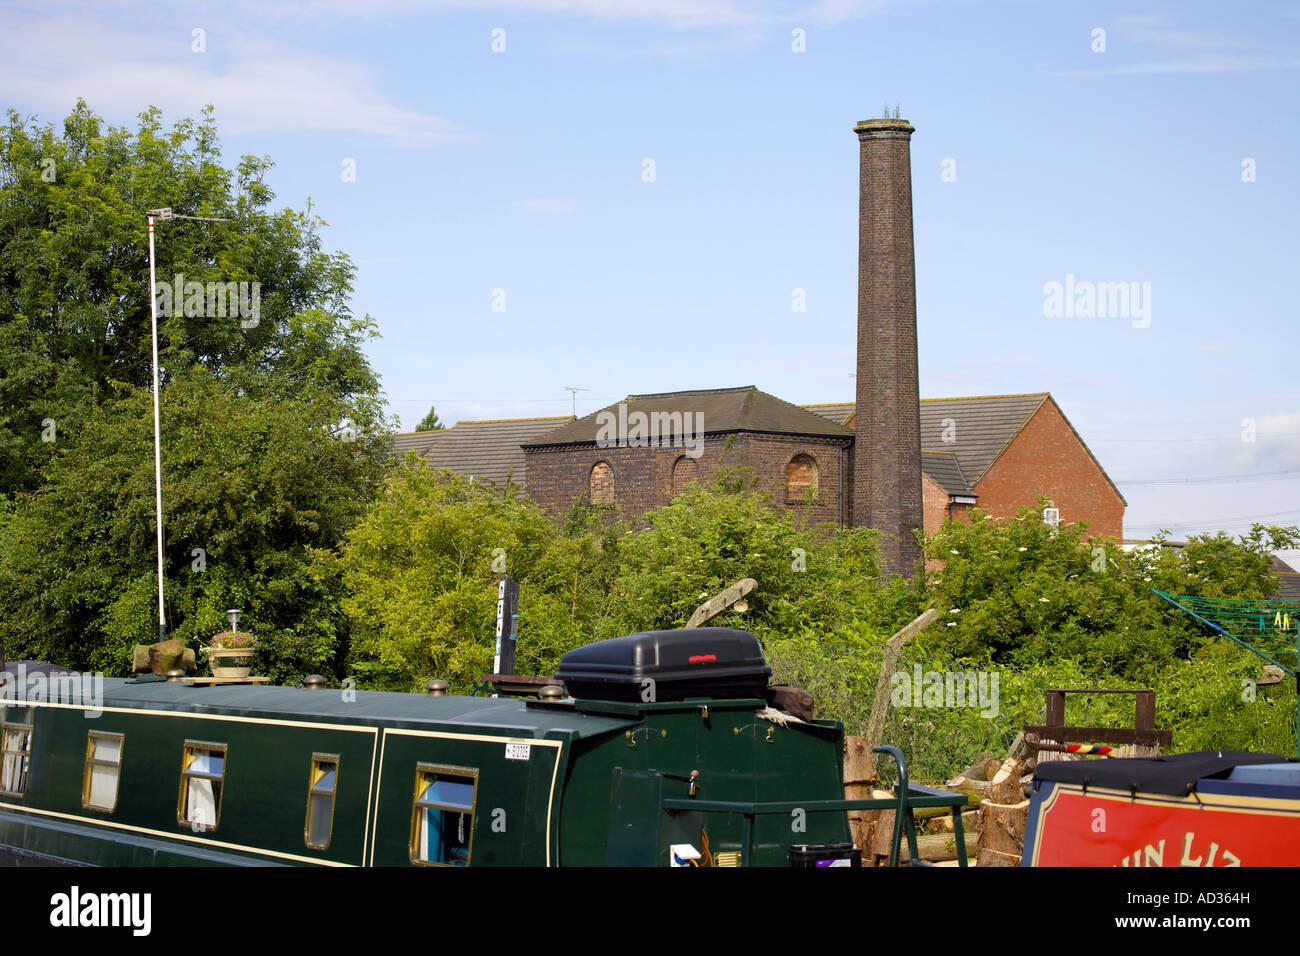 Hawkesbury Junction Pump House and narrowboats - Stock Image